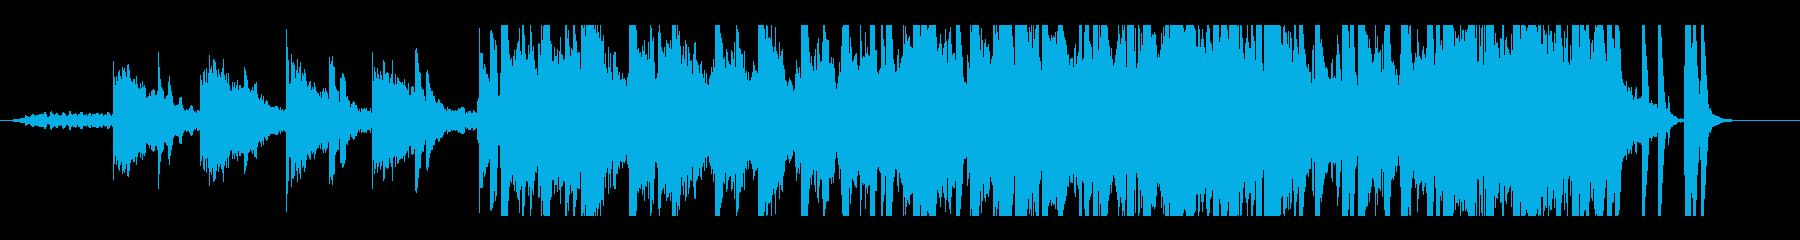 幻想的でリラックスしたヒーリング音楽の再生済みの波形